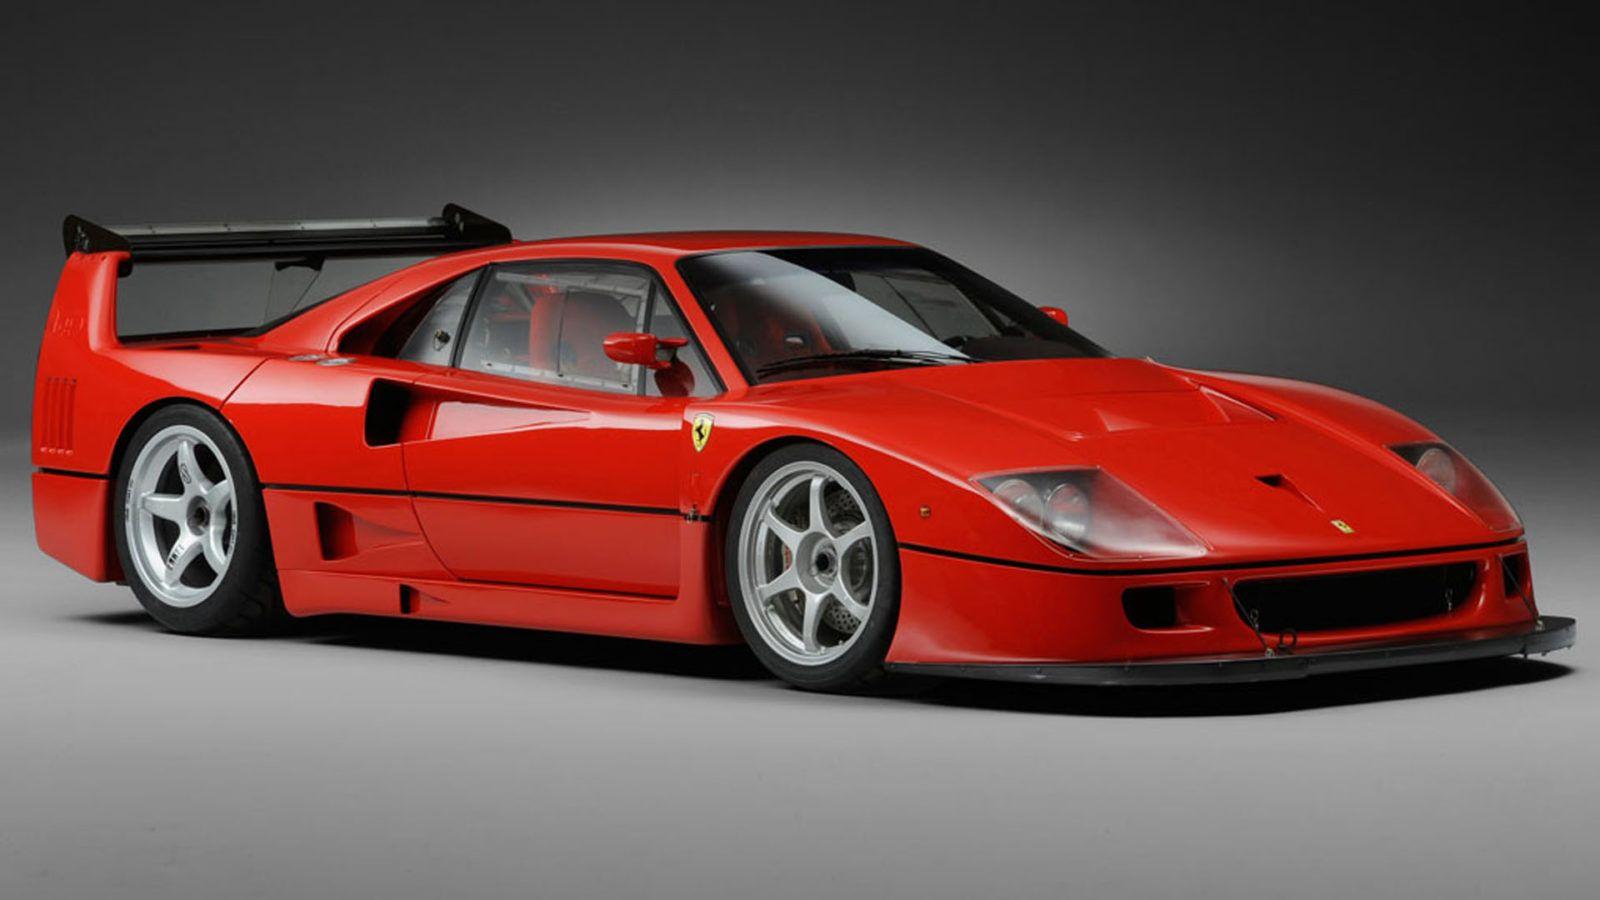 Ferrari F40 LM Guide